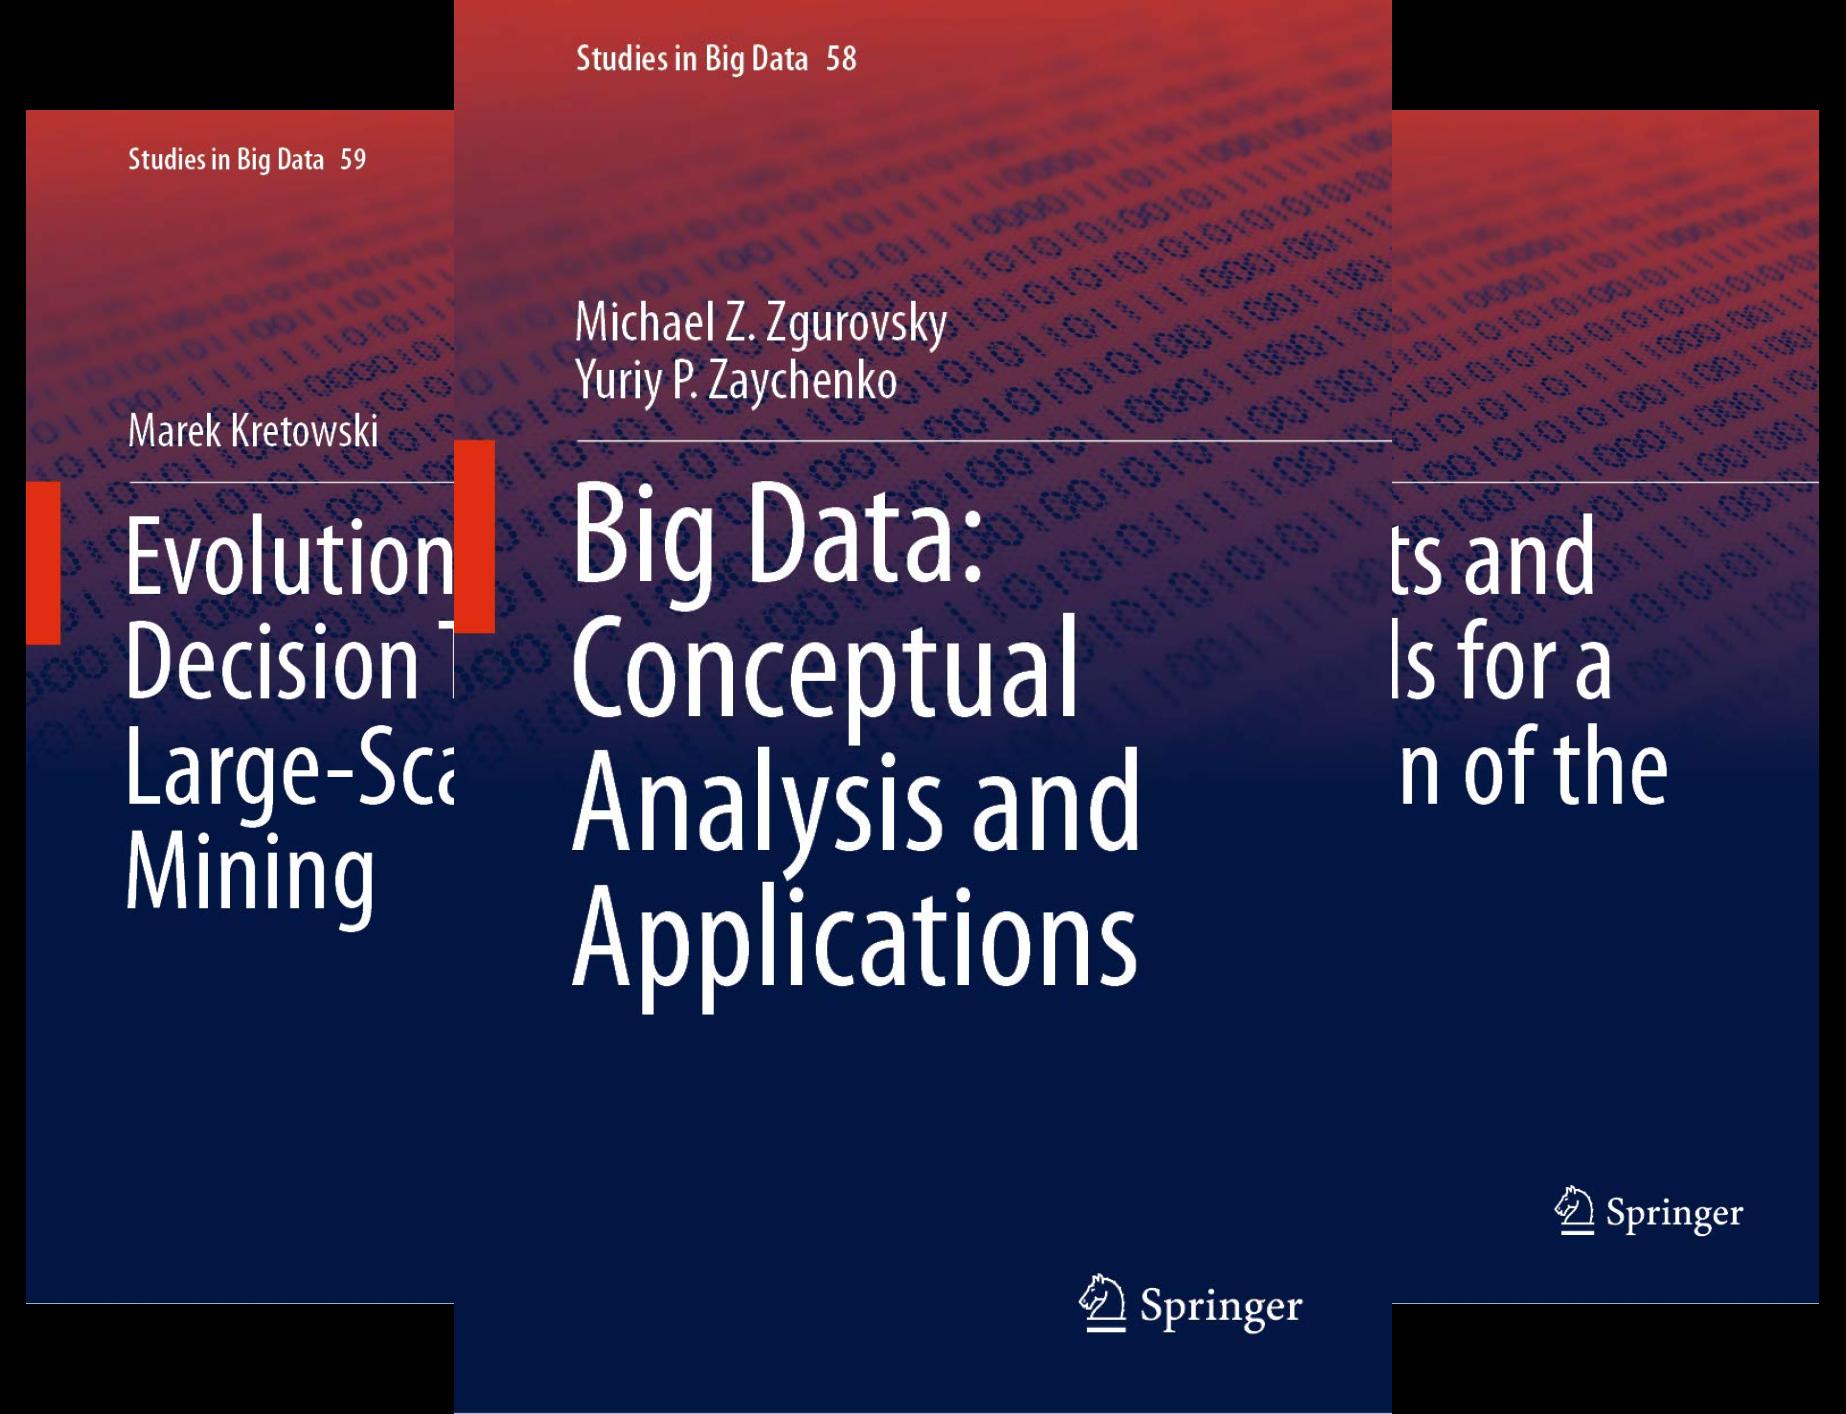 Studies in Big Data (51-79) (29 Book Series)